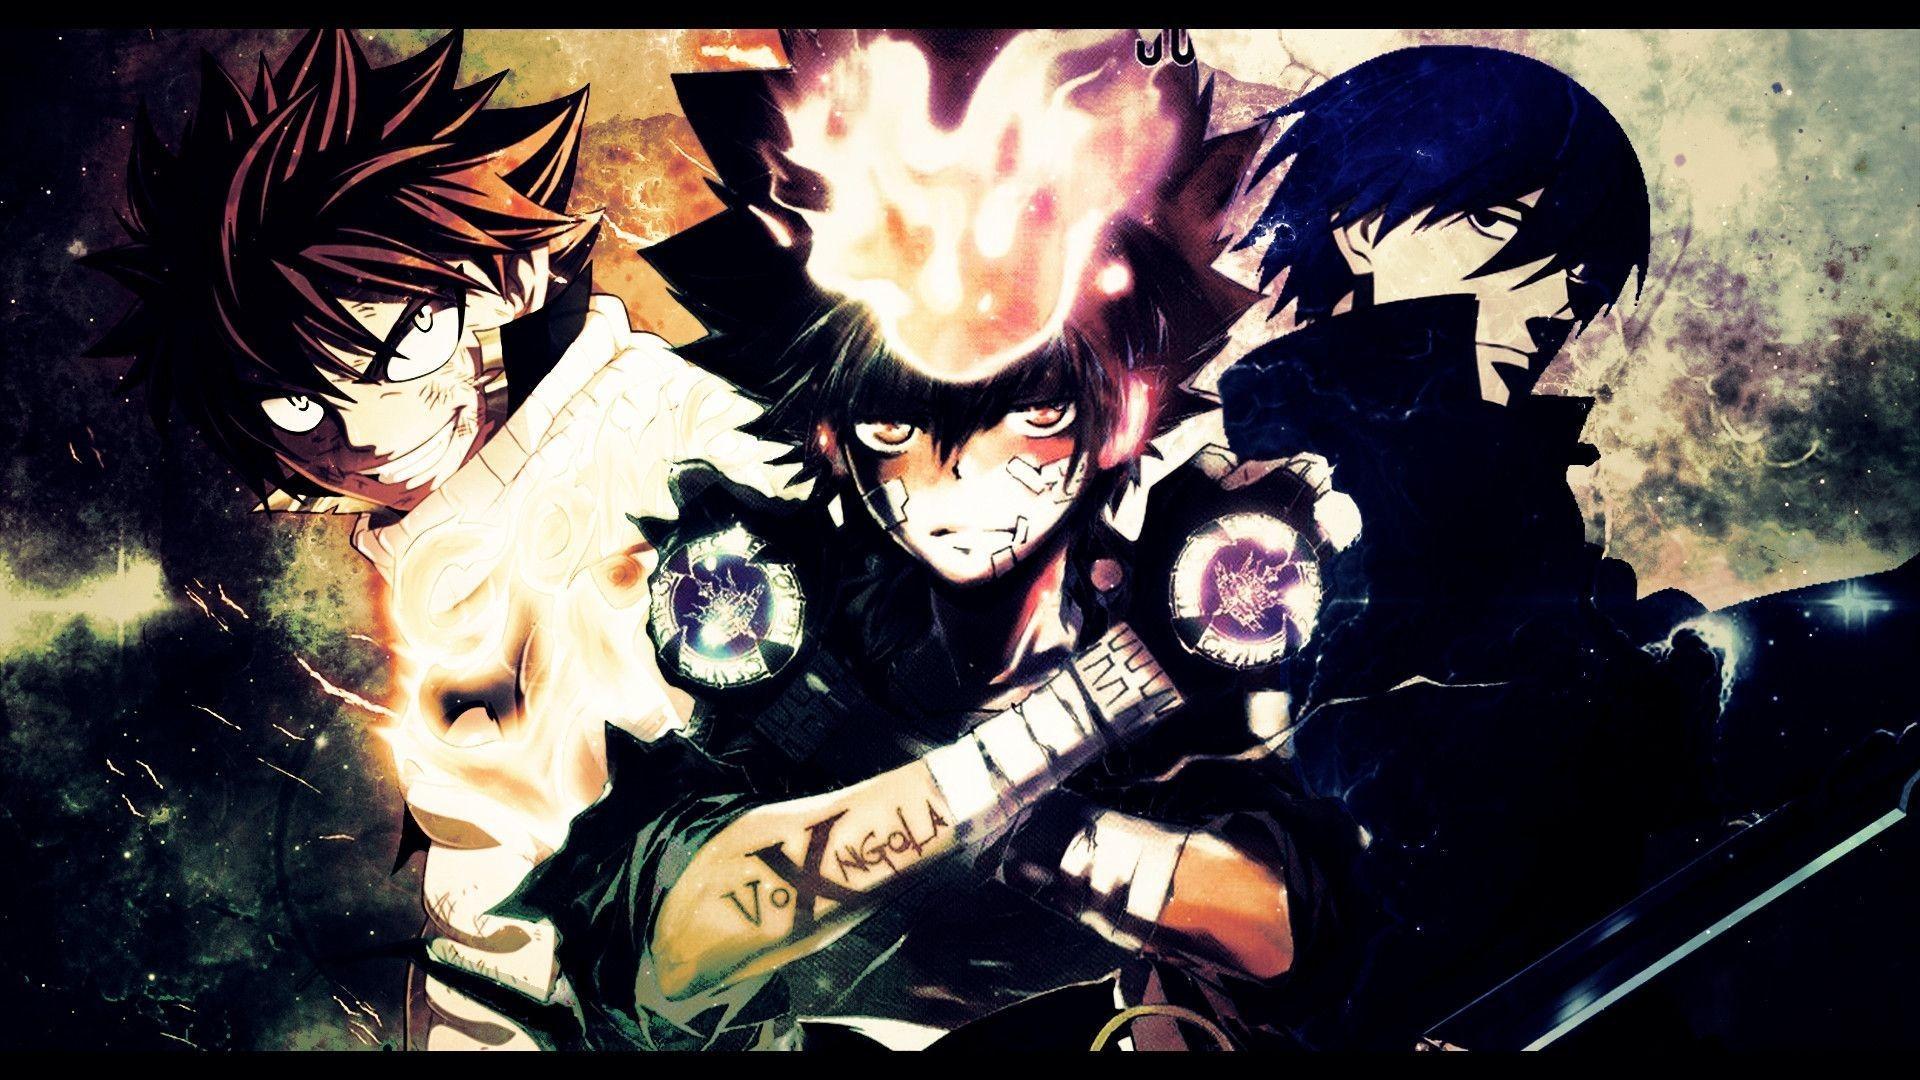 Anime hug wallpaper 57 images - 1920x1080 wallpapers anime ...